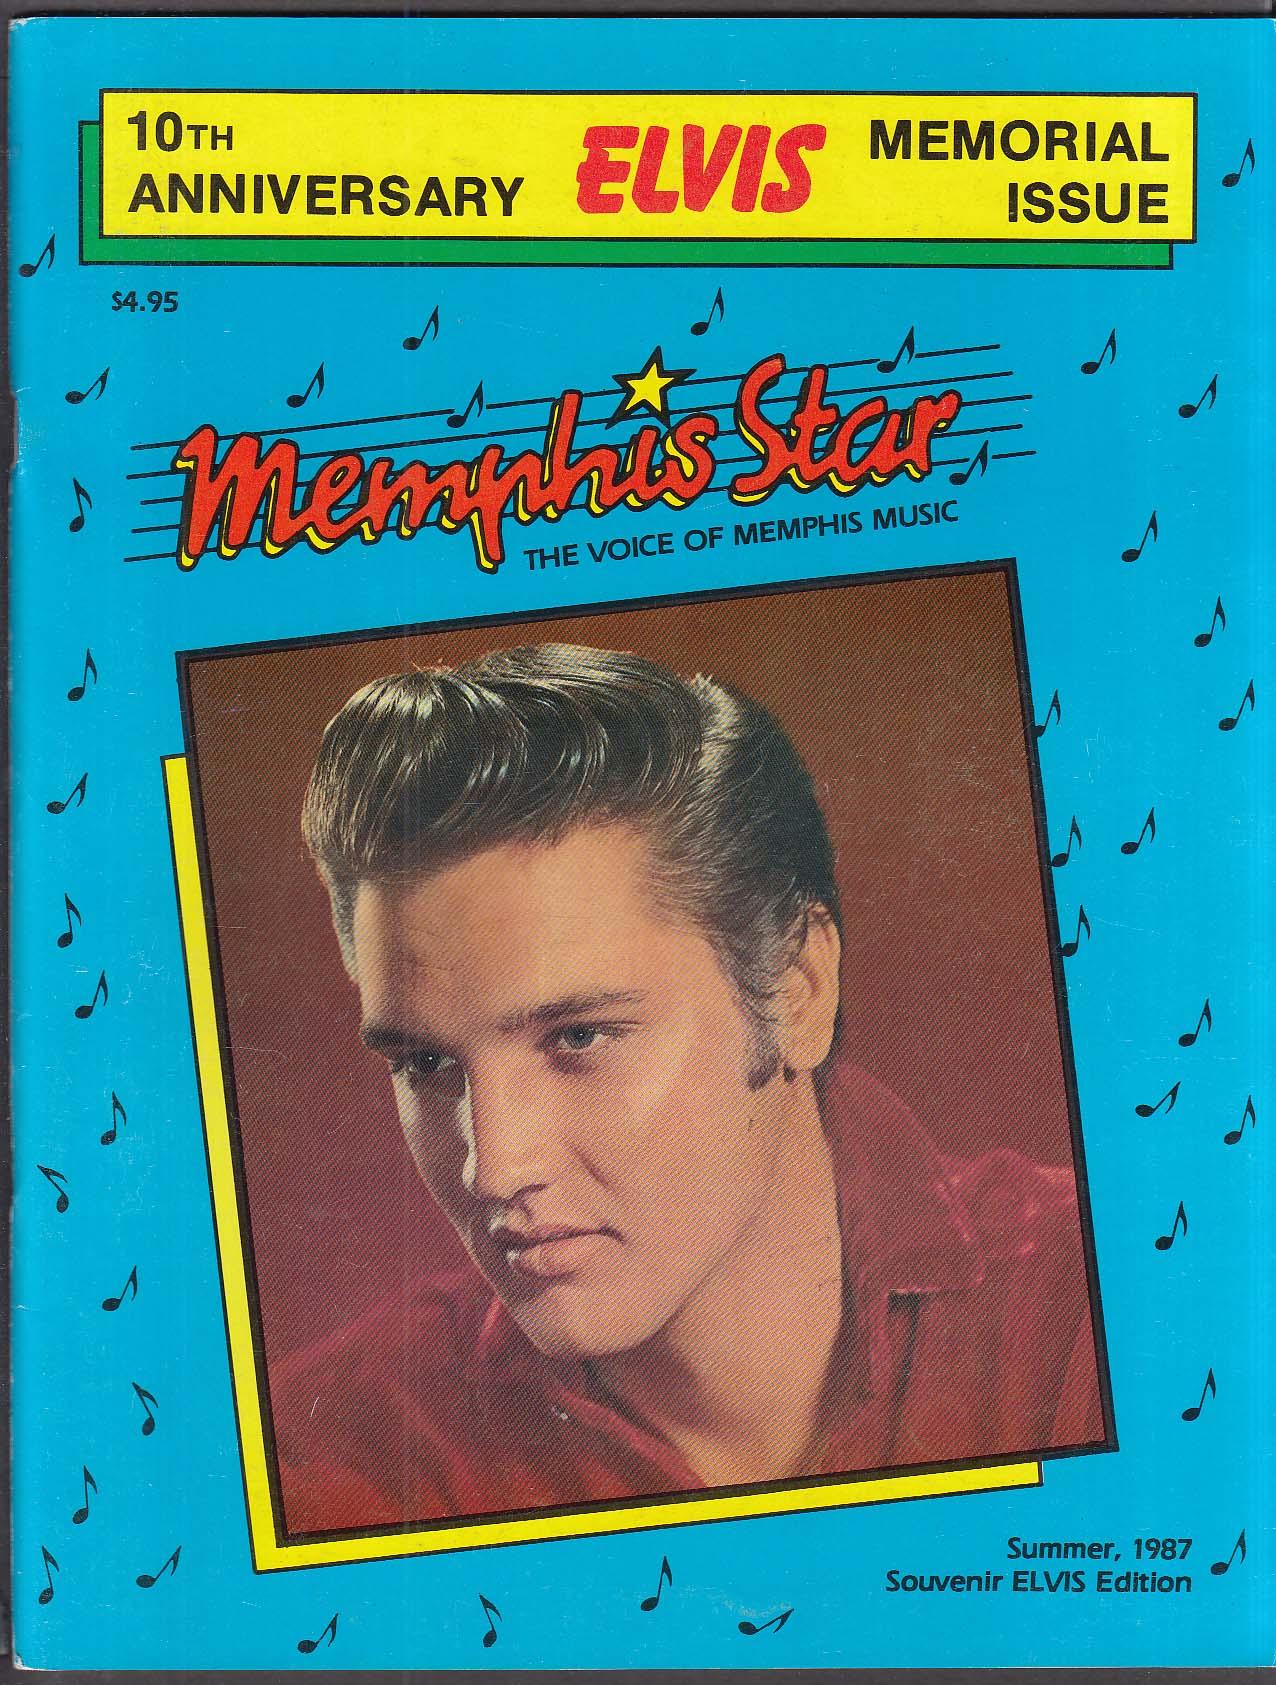 MEMPHIS STAR 10th anniversary Elvis Presley memorial issue Summer 1987